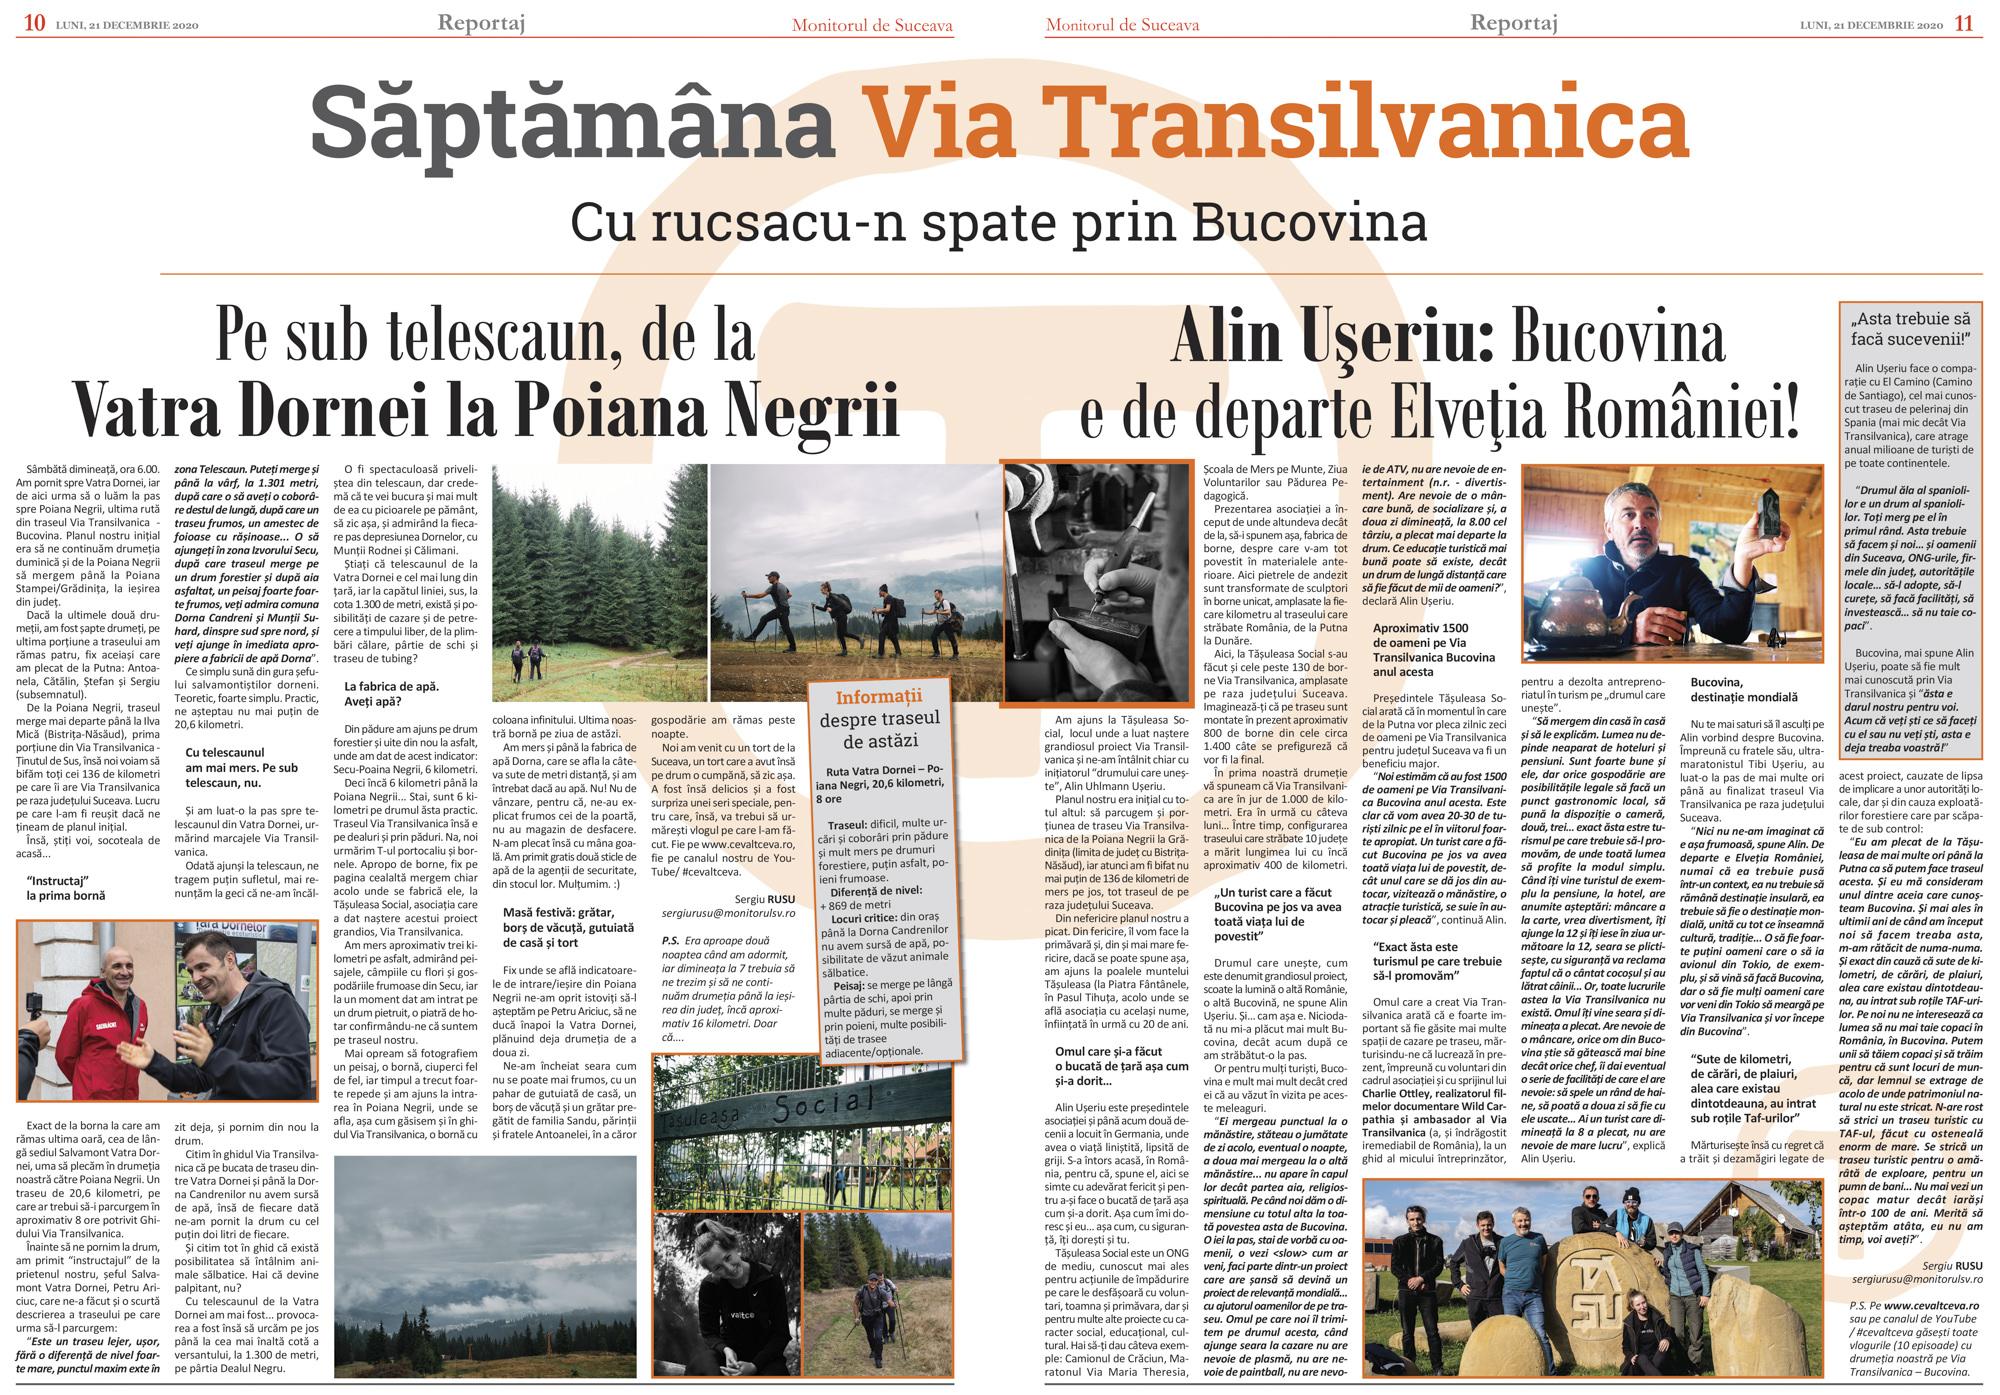 Via Transilvanica (VI) De la Vatra Dornei la Poiana Negrii